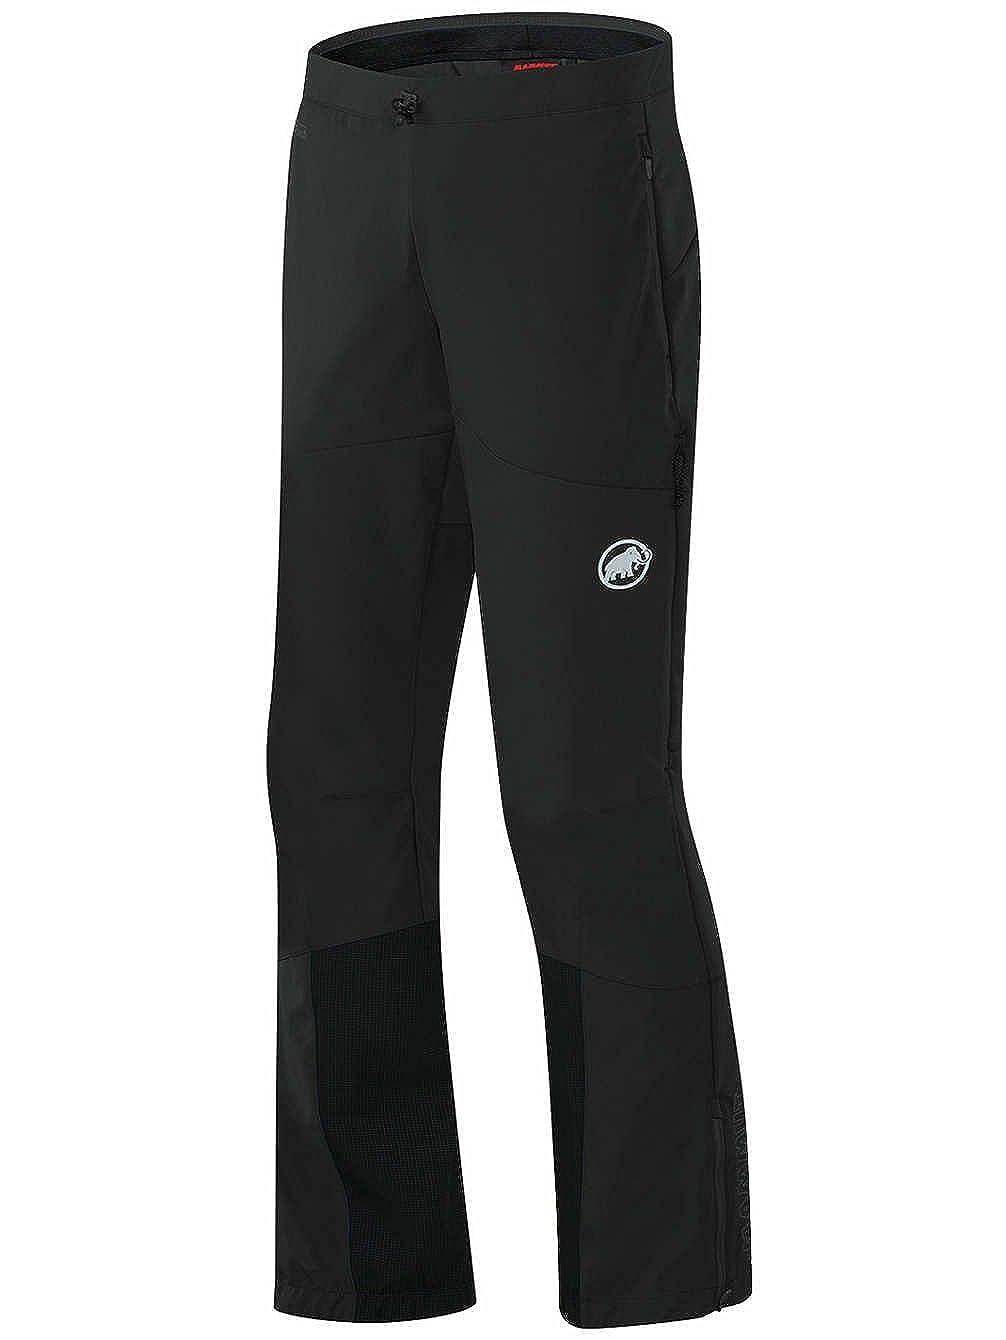 TALLA 44. Mammut Aenergy - Pantalones de Softshell para Hombre